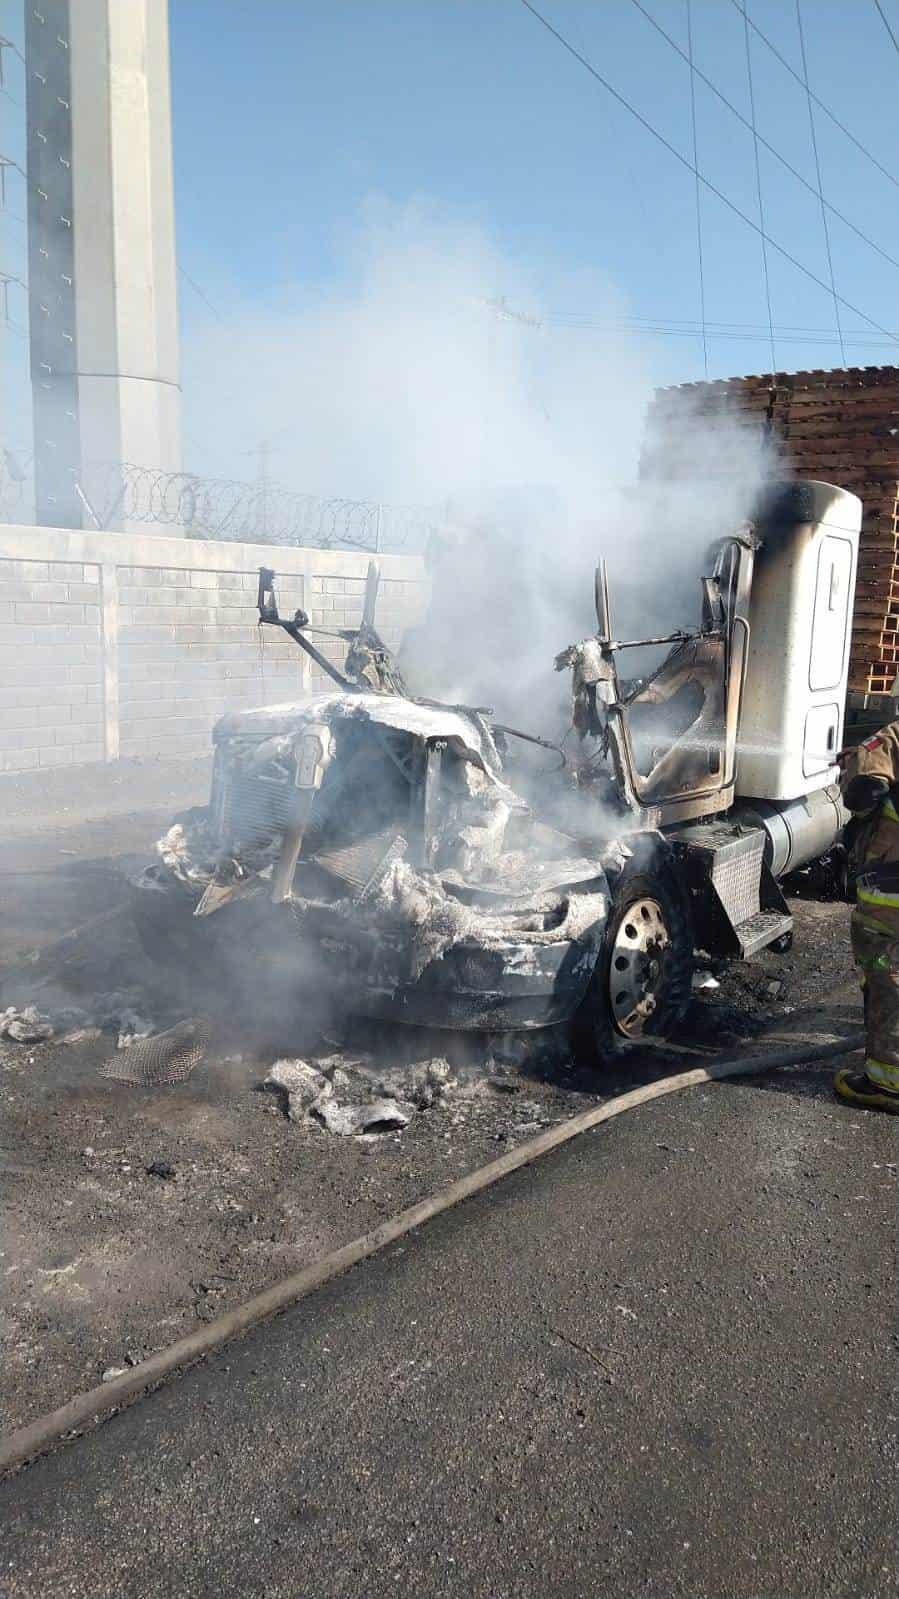 El incendio de la cabina de un tráiler movilizó ayer a elementos de Protección Civil